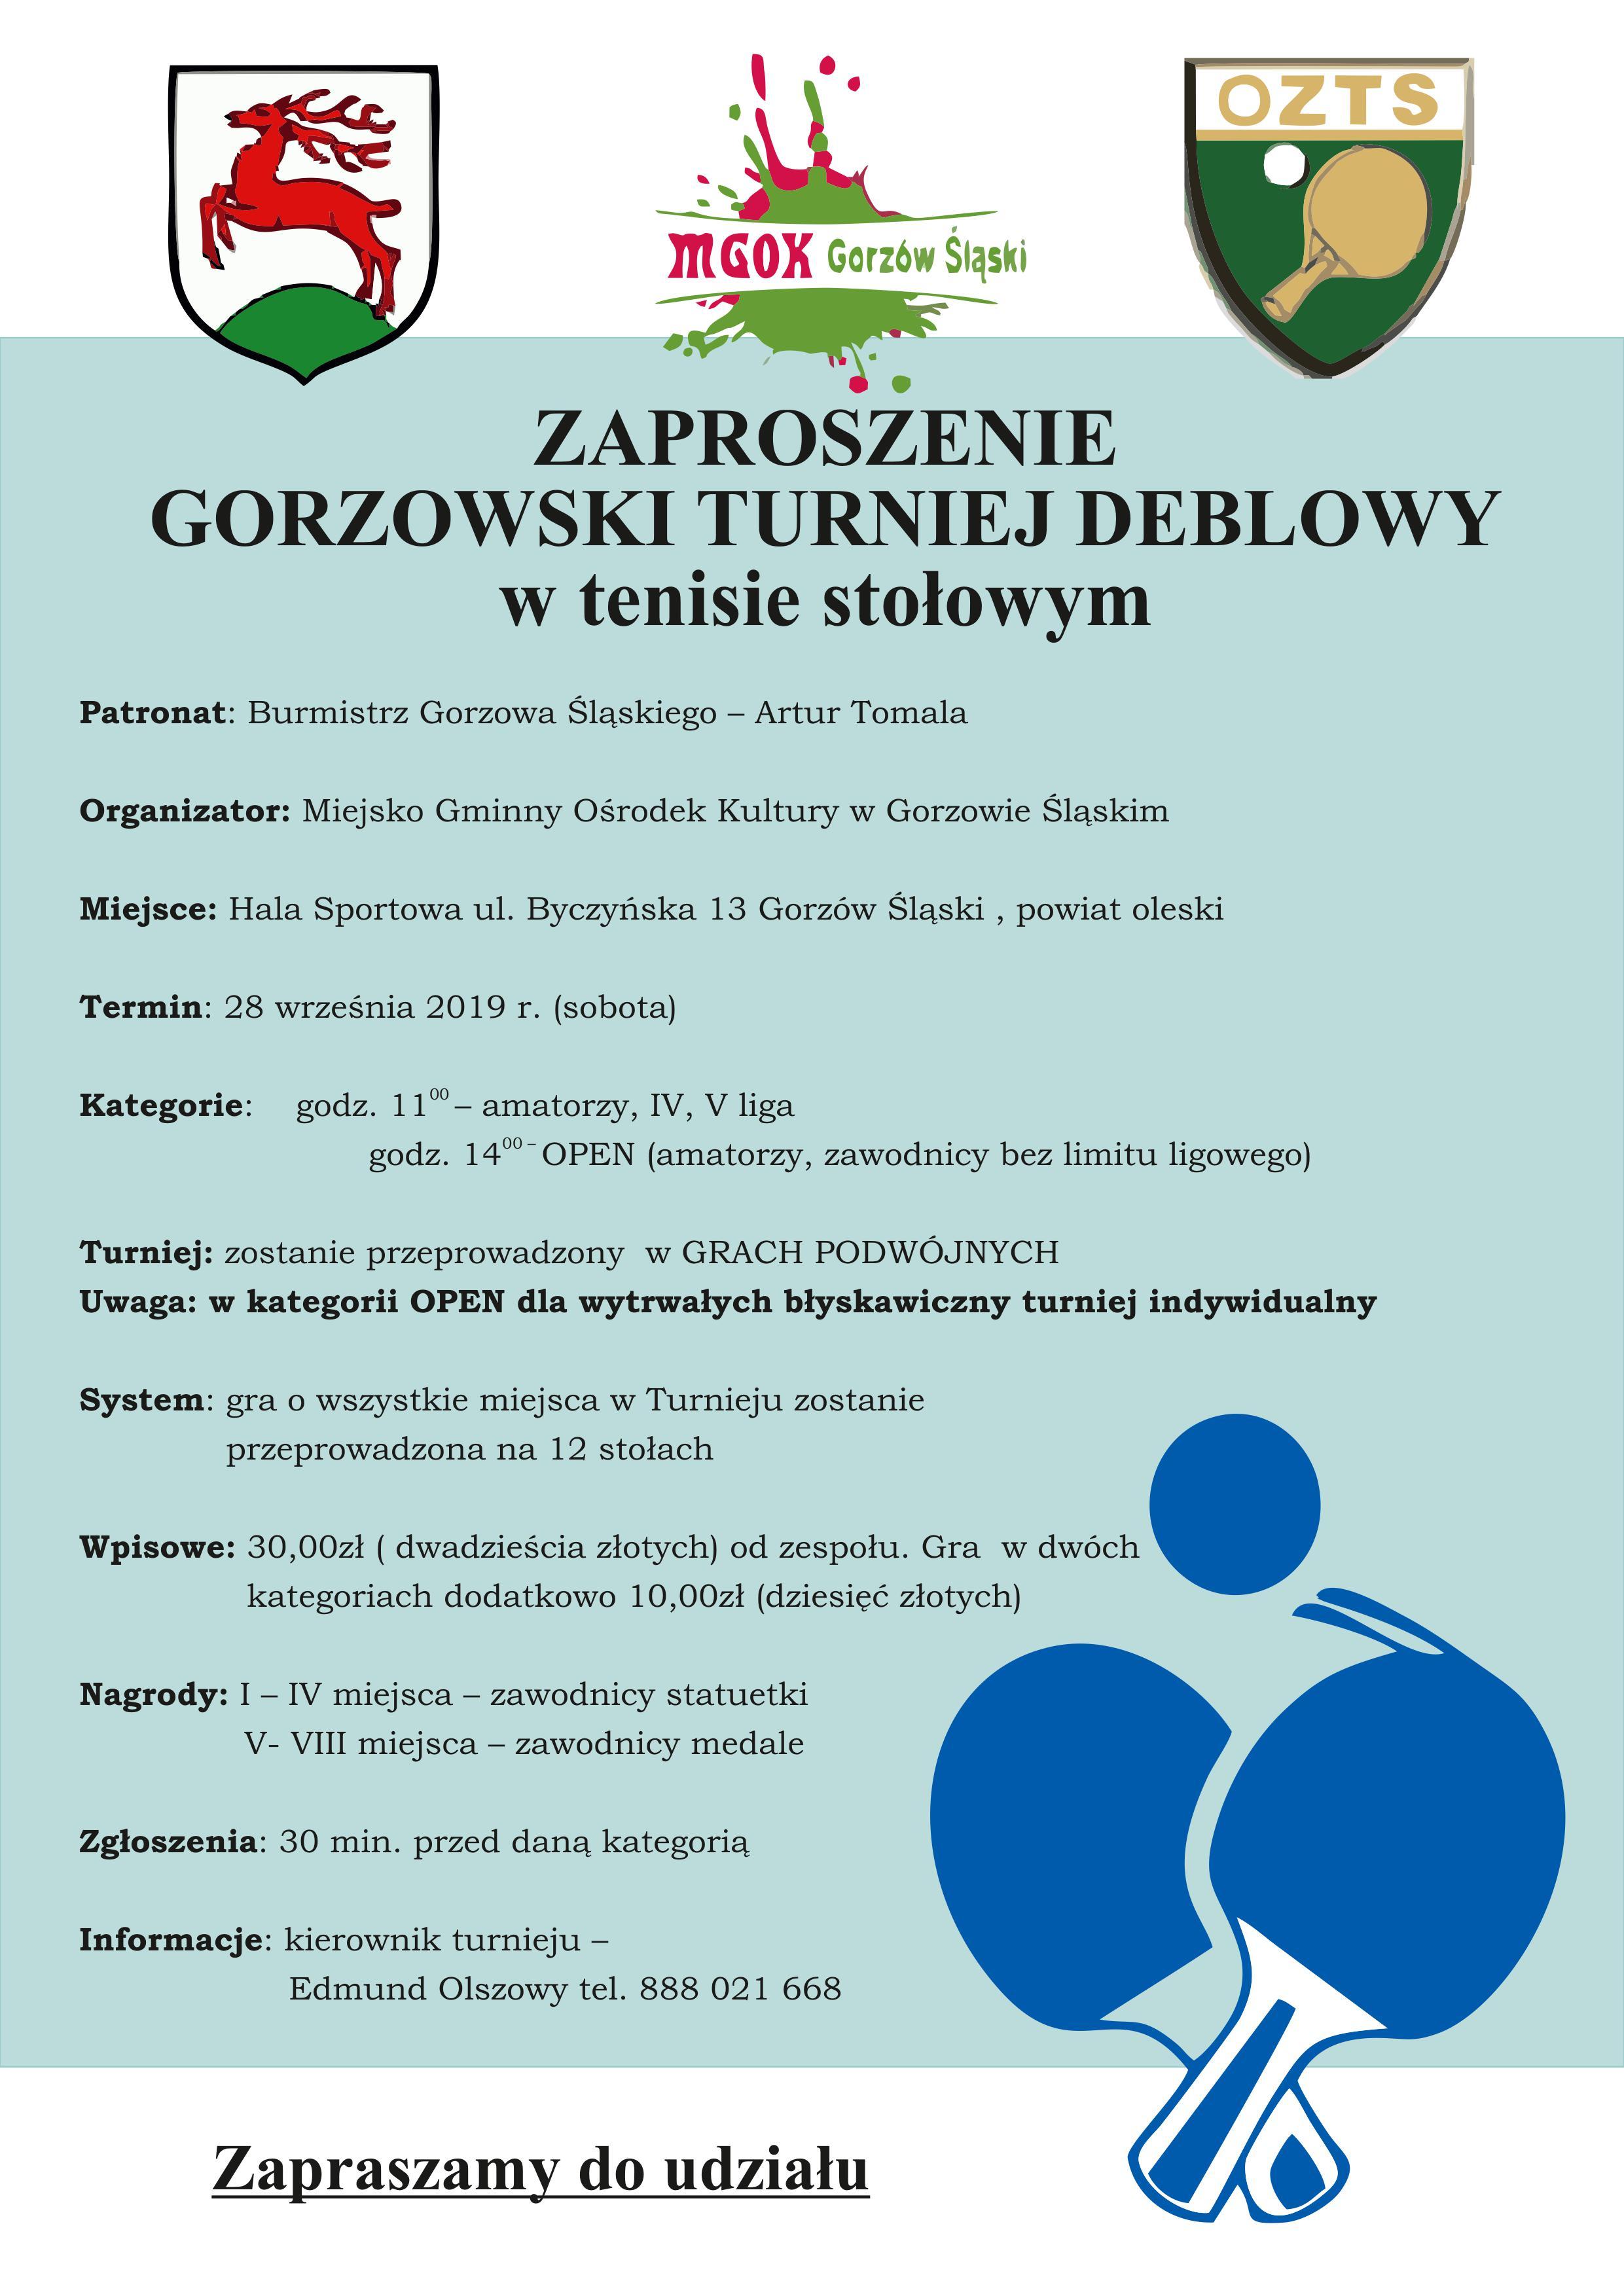 gorzowski_turniej